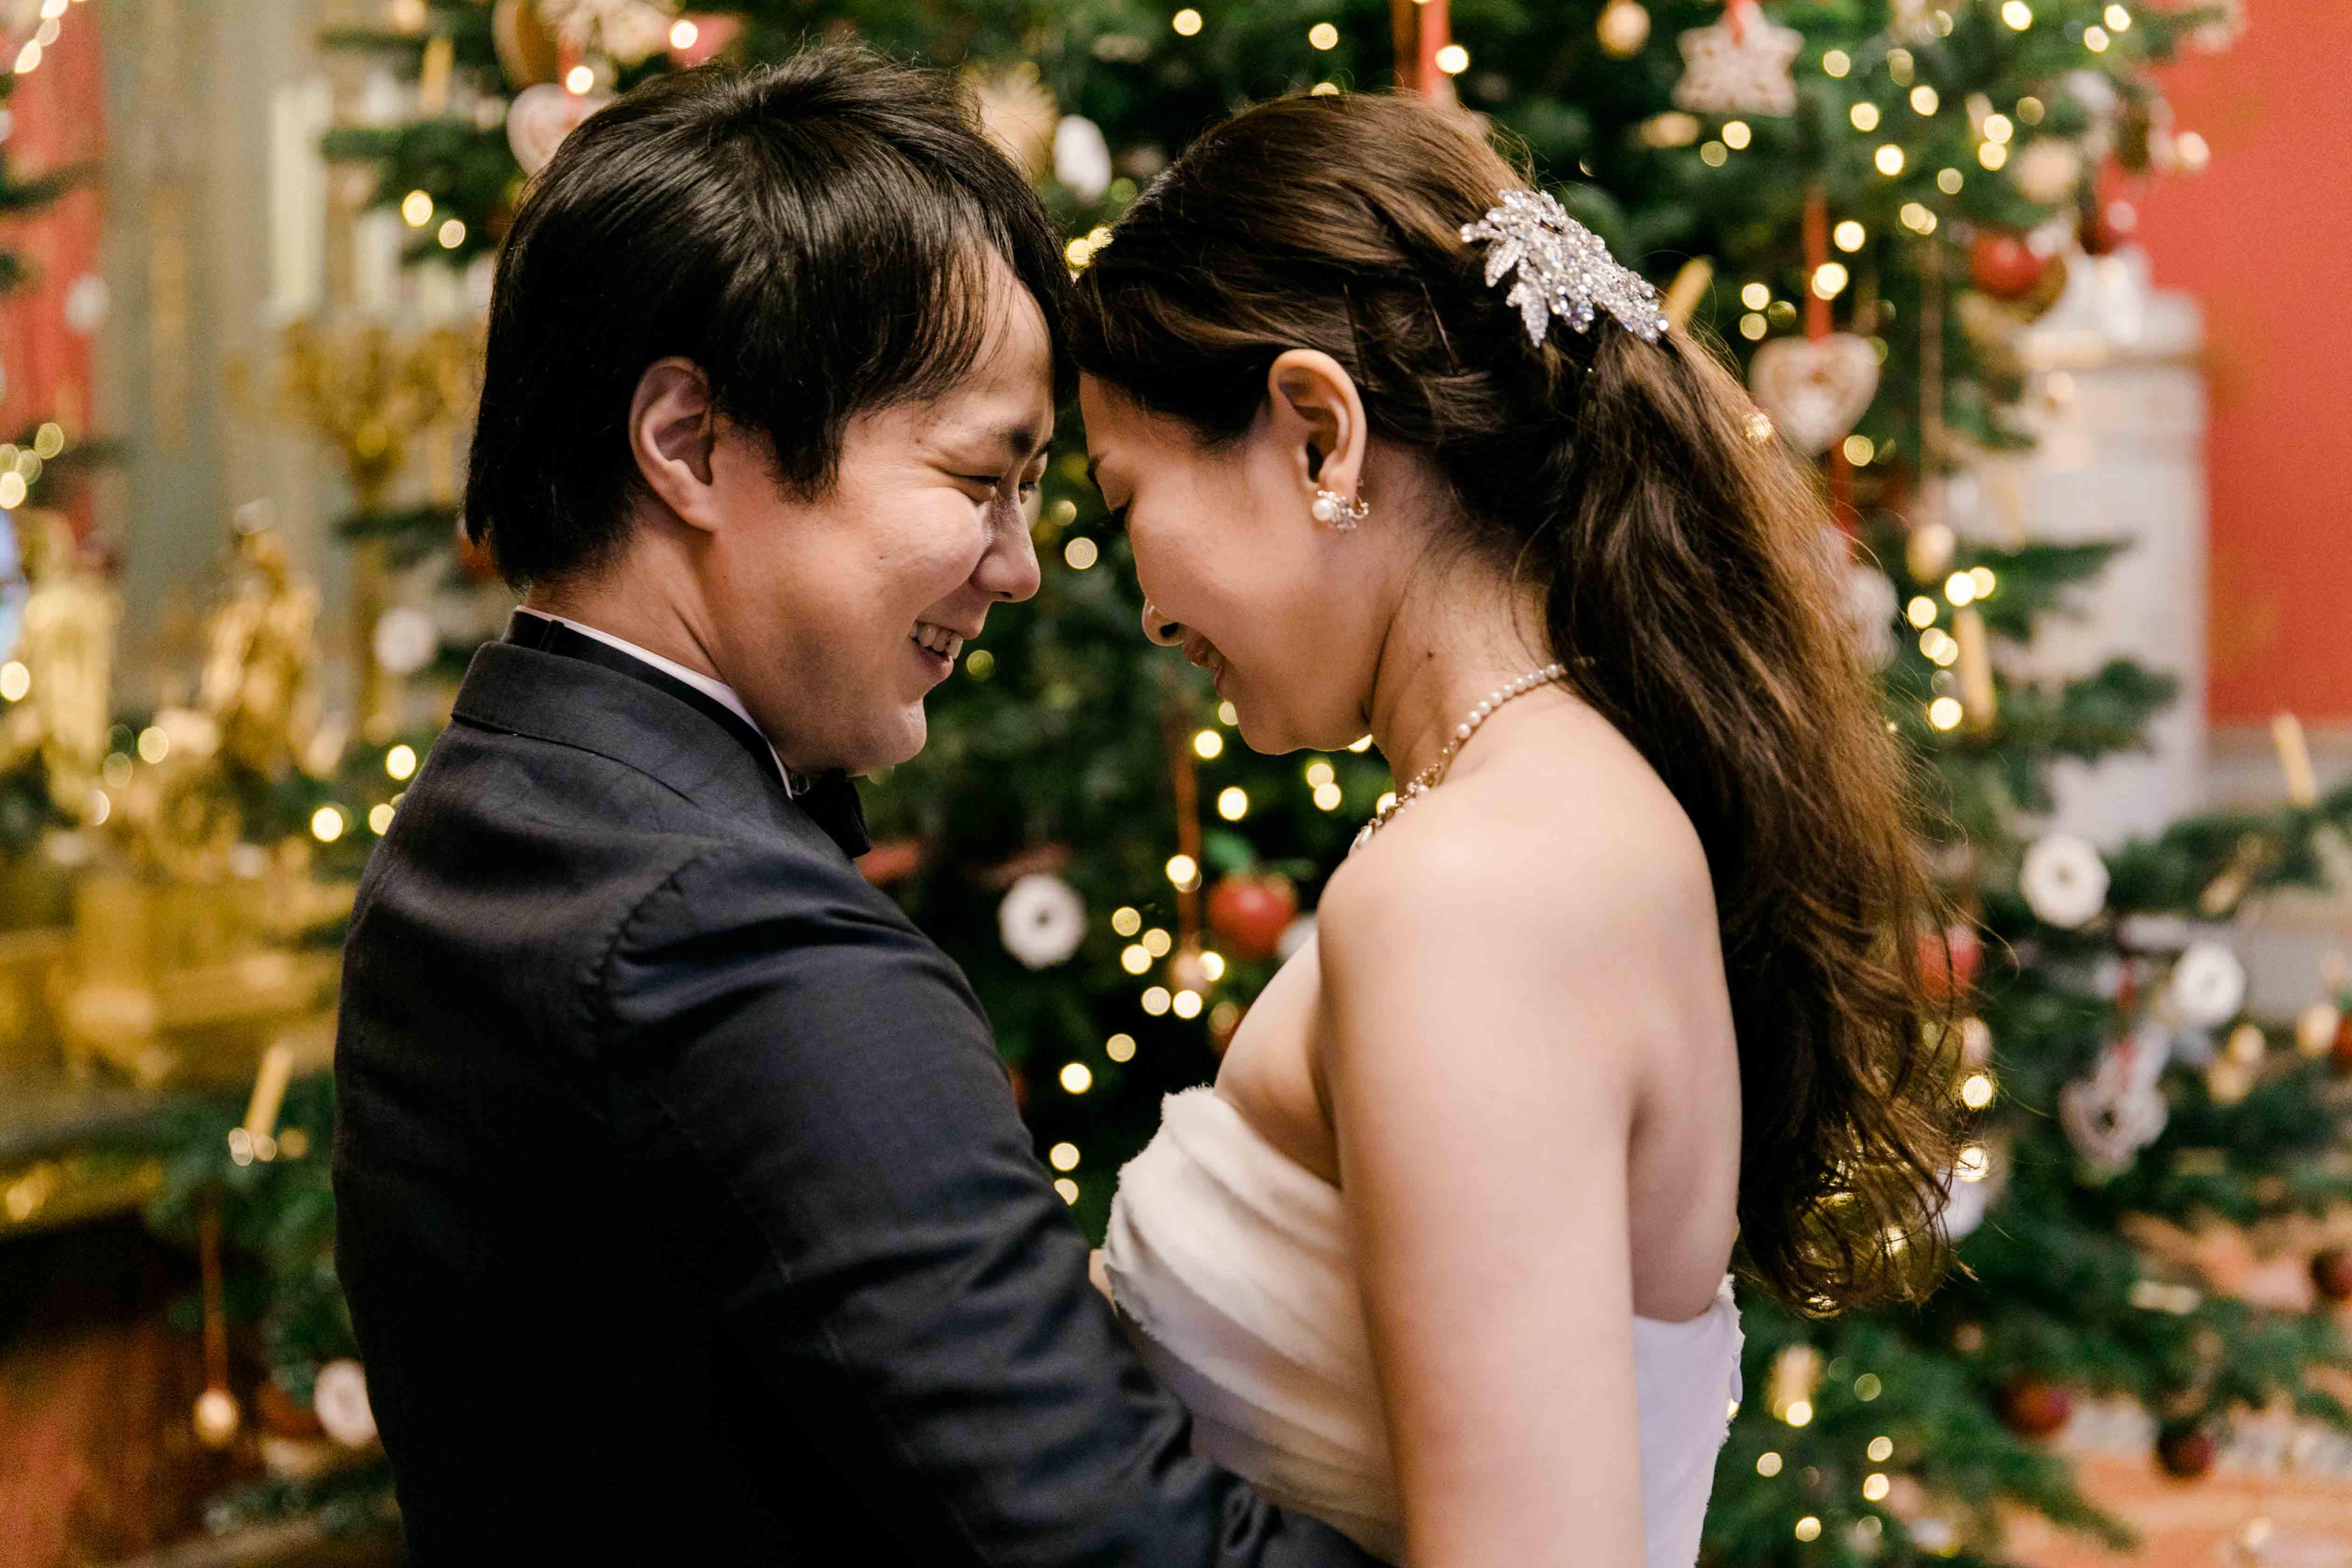 Prinzessinnen Boho Hochzeit Albertina heiraten Wien Hochzeitsfotograf Hochzeit in der Albertina Weihnachstsgeschenk Weihnachten Geschenk Paarshooting Verliebte